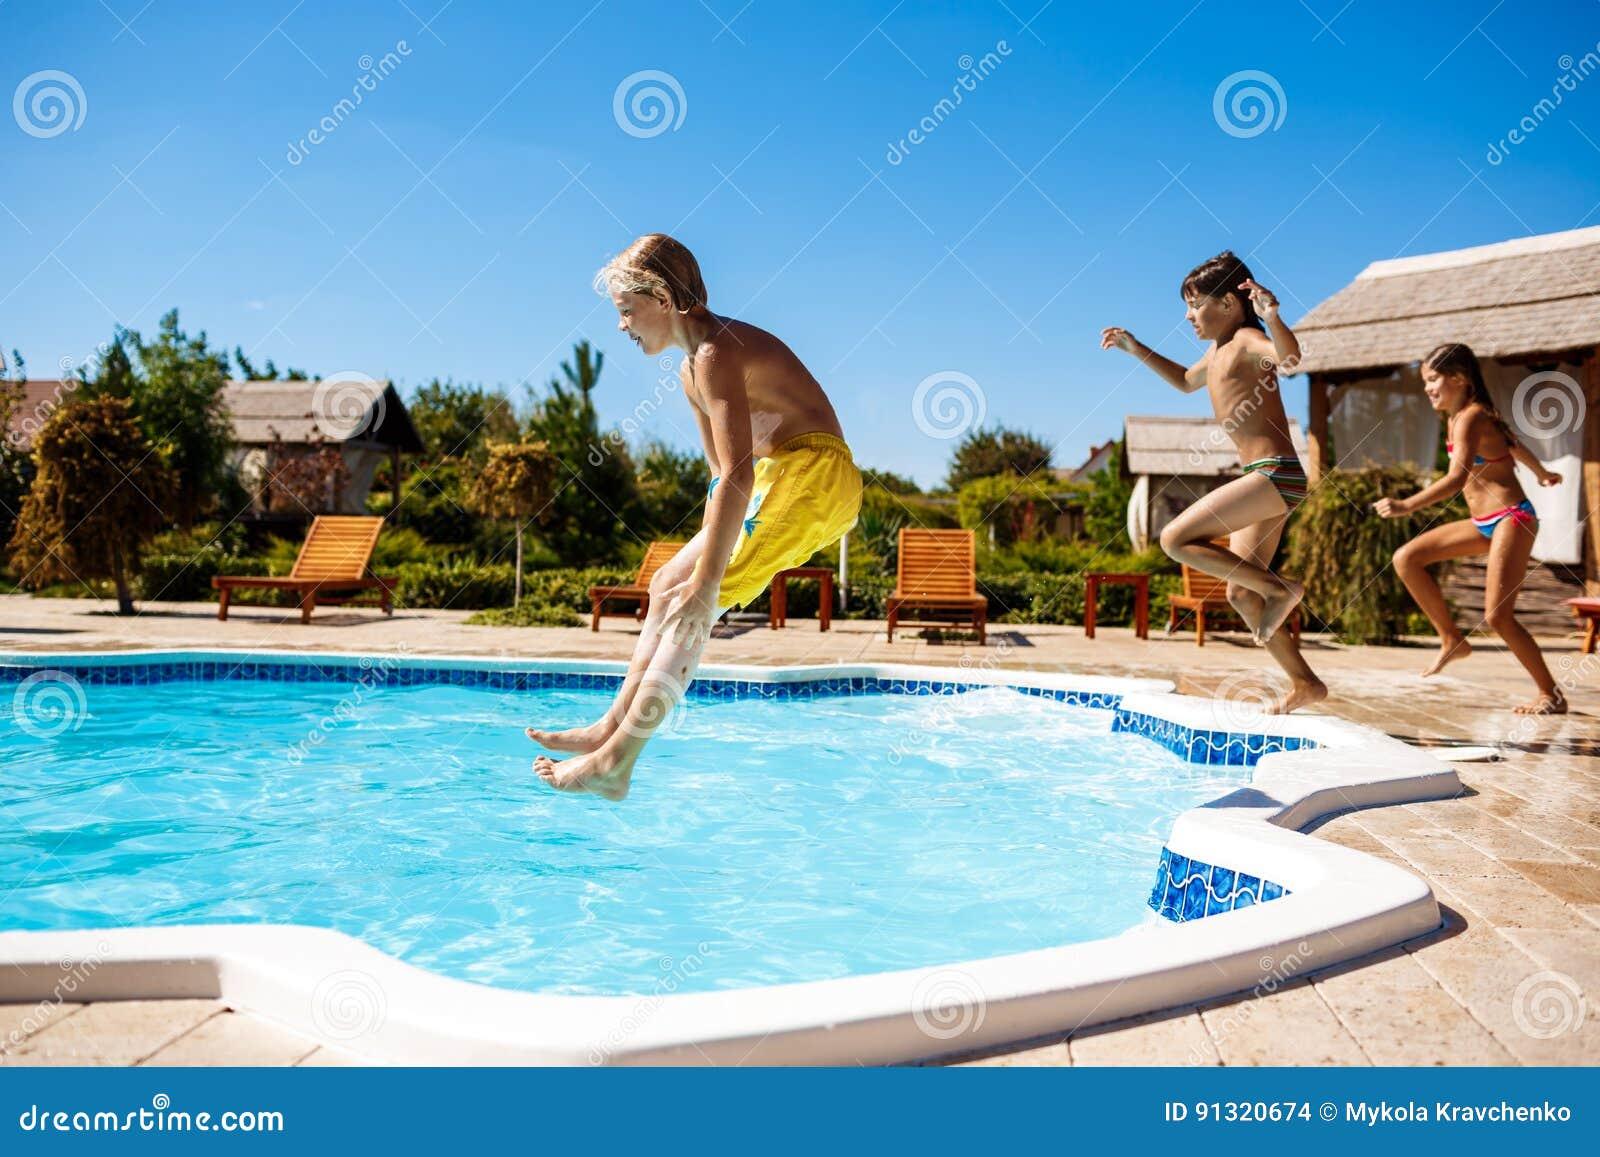 Rozochoceni dzieci raduje się, skaczący, pływający w basenie